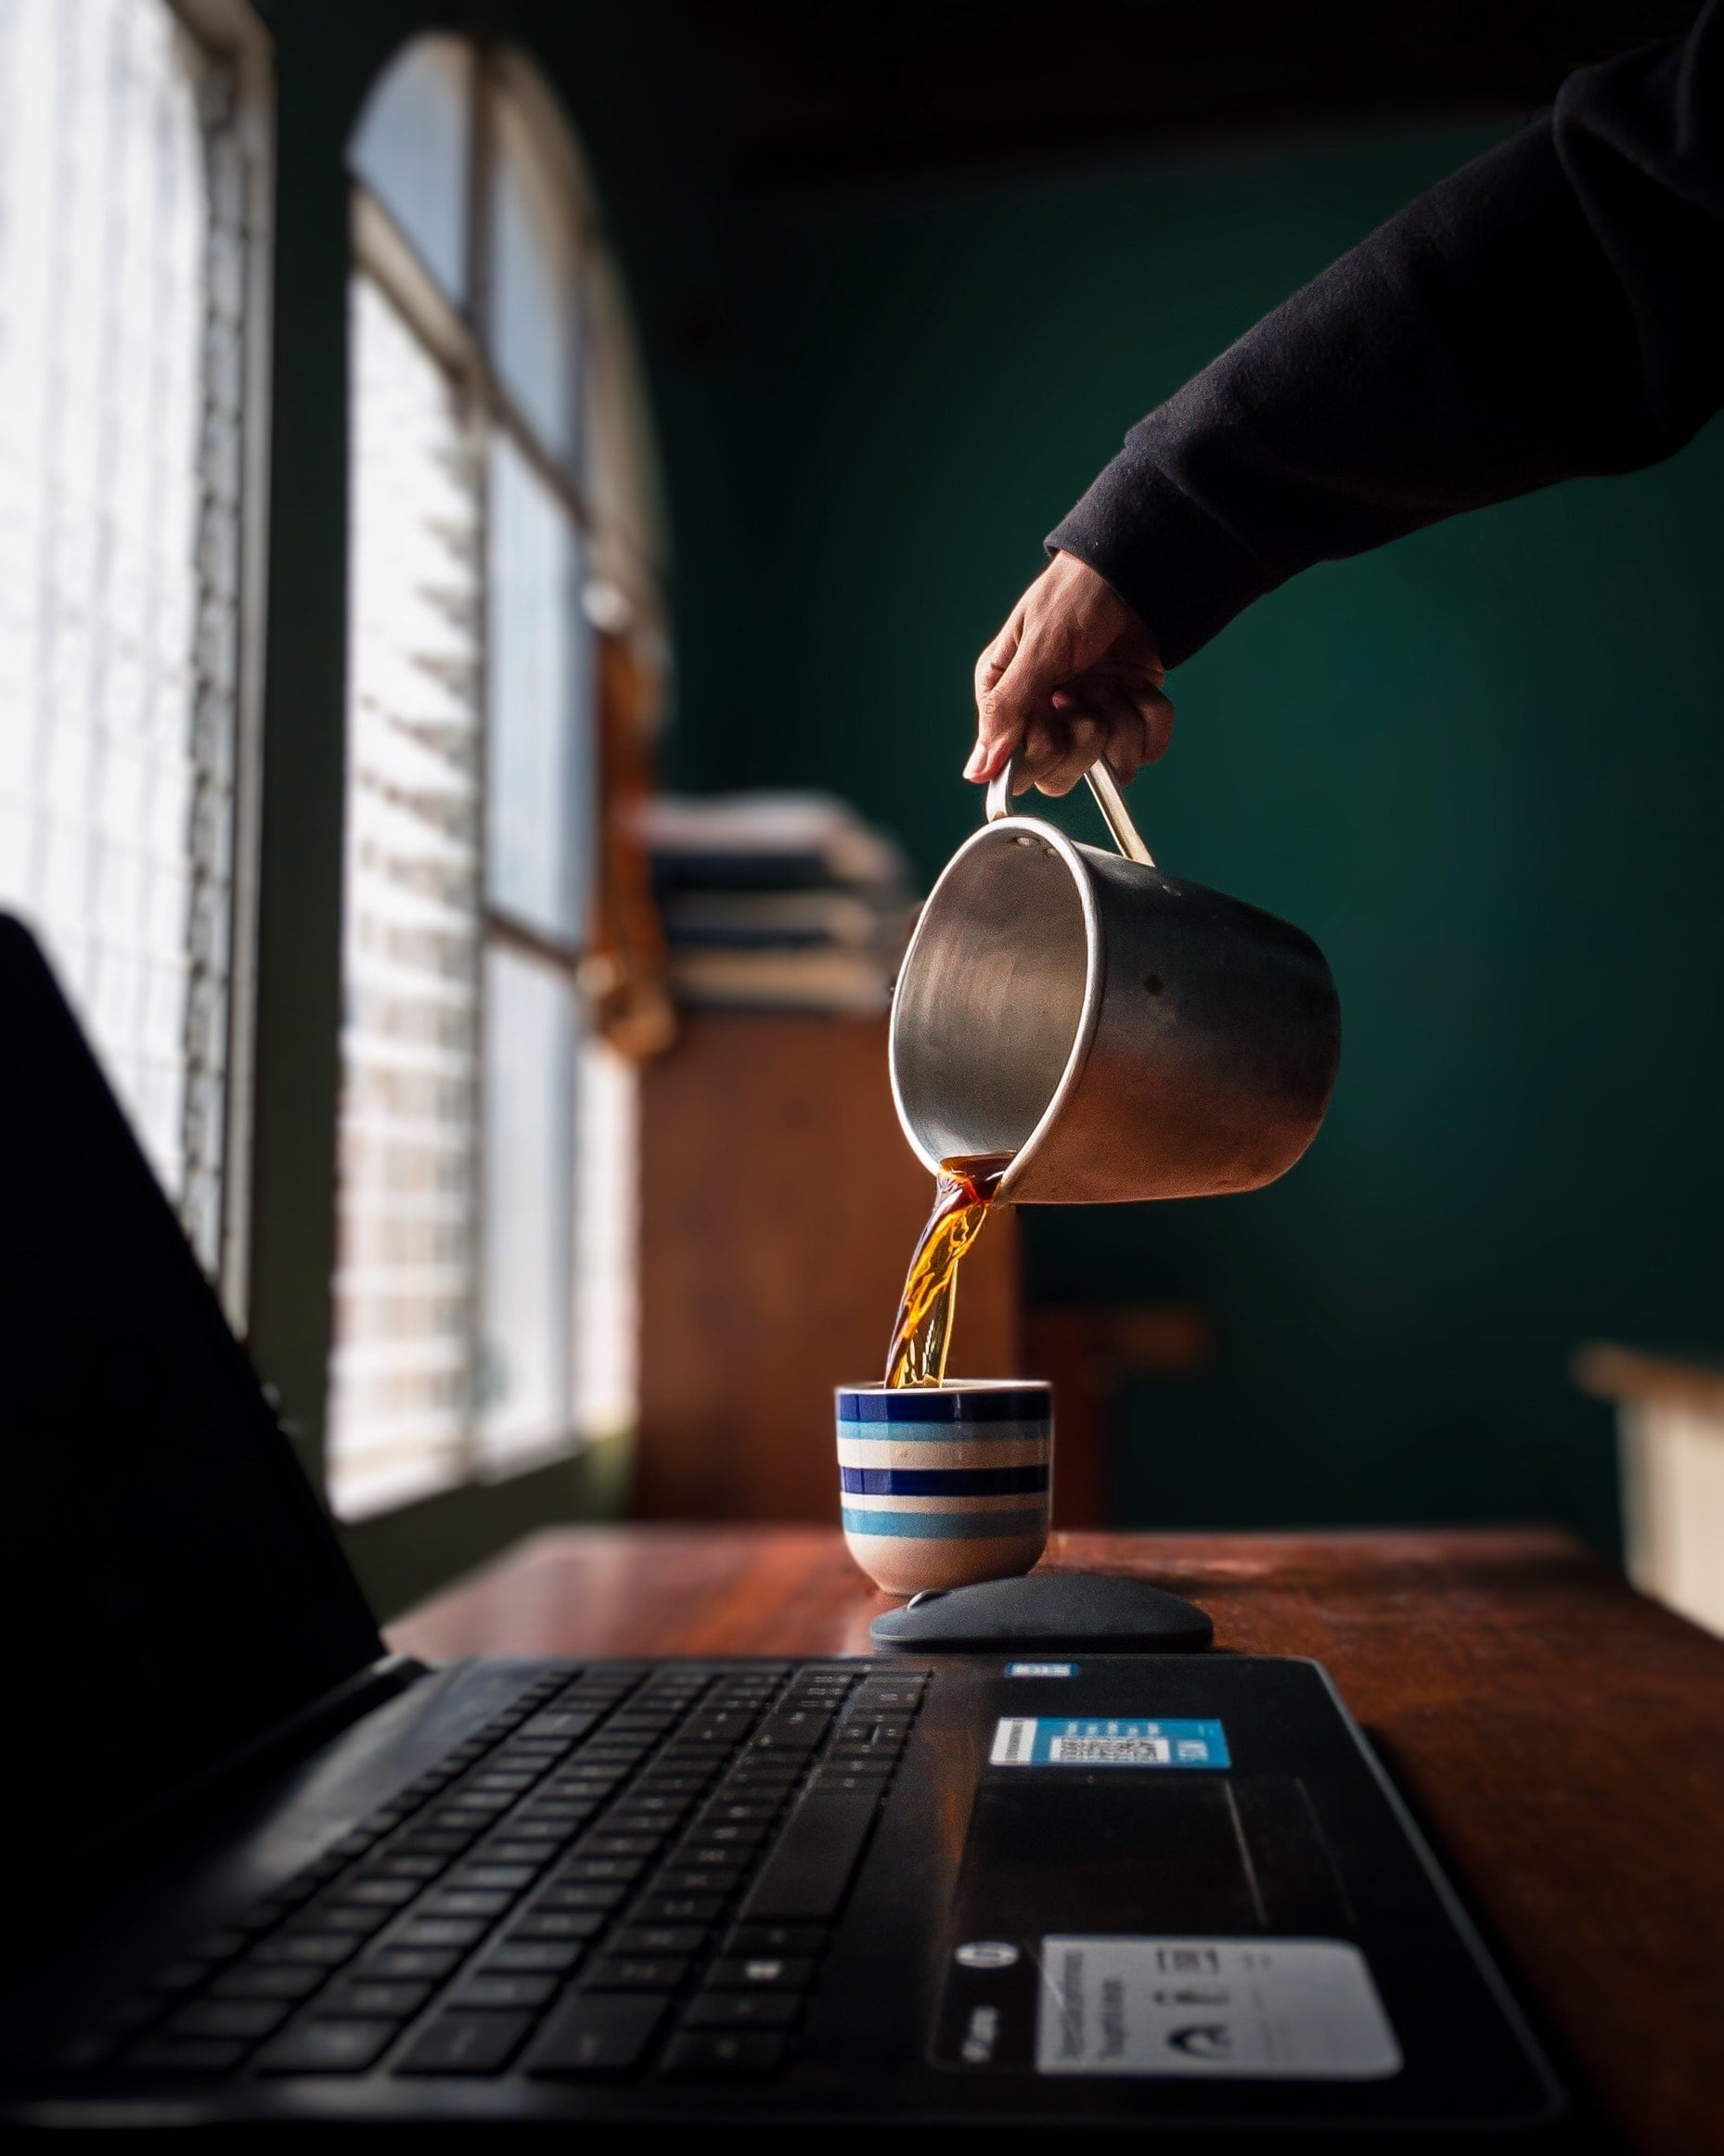 Ein Mann gießt Kaffee in eine Tasse die neben seinem Laptop auf dem Schreibtisch stehtEin Mann gießt Kaffee in eine Tasse die neben seinem Laptop auf dem Schreibtisch steht